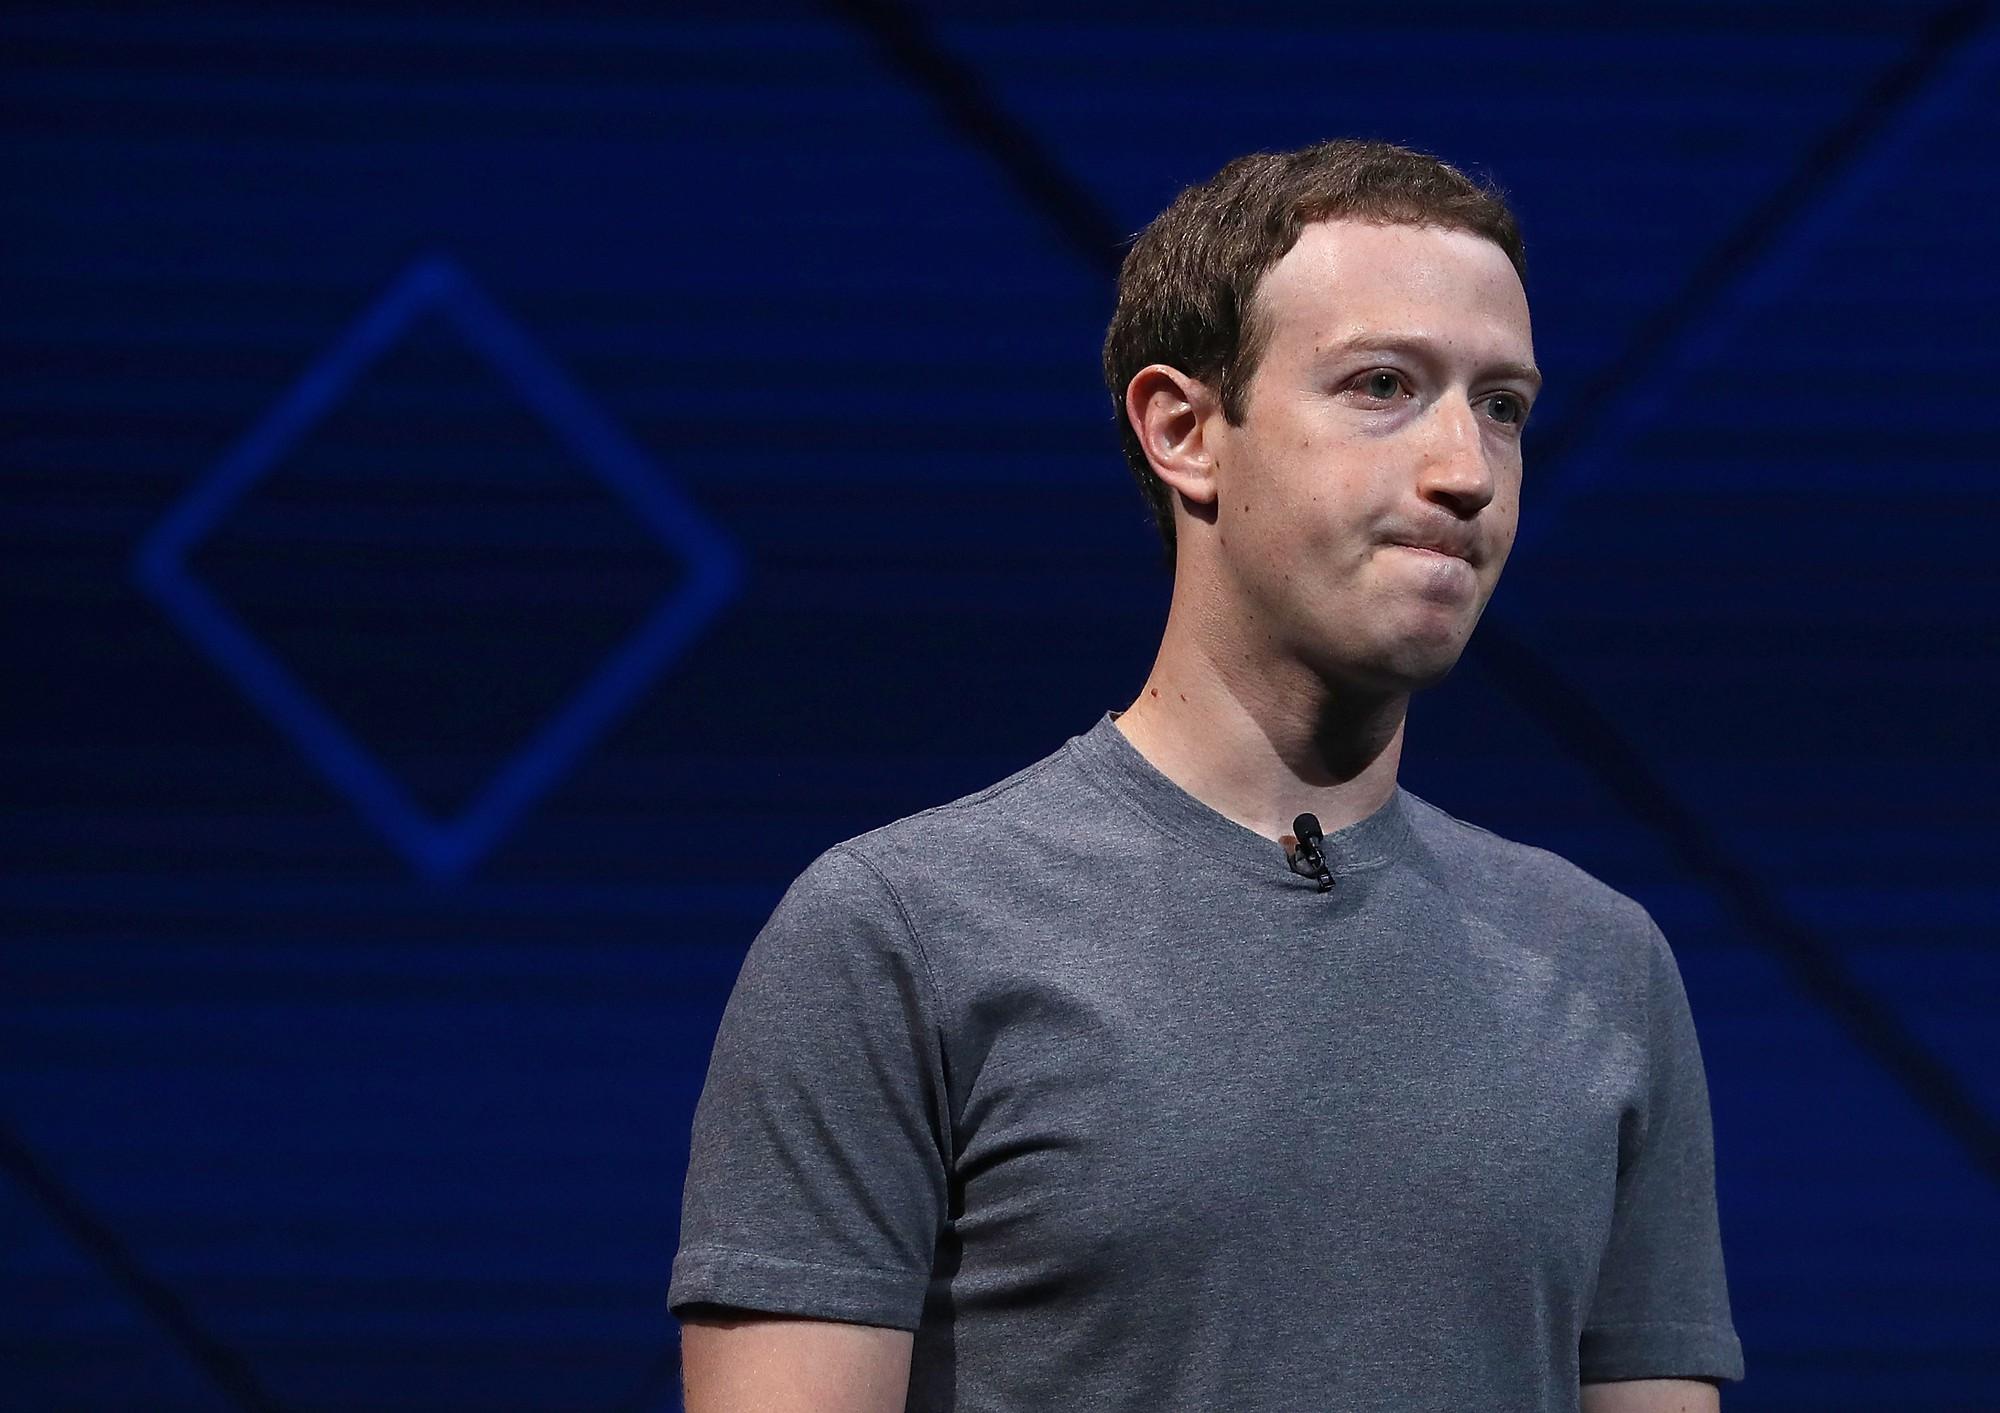 Mark Zuckerberg sắp bị đá khỏi ghế Chủ tịch vì Facebook thua lỗ - Ảnh 1.